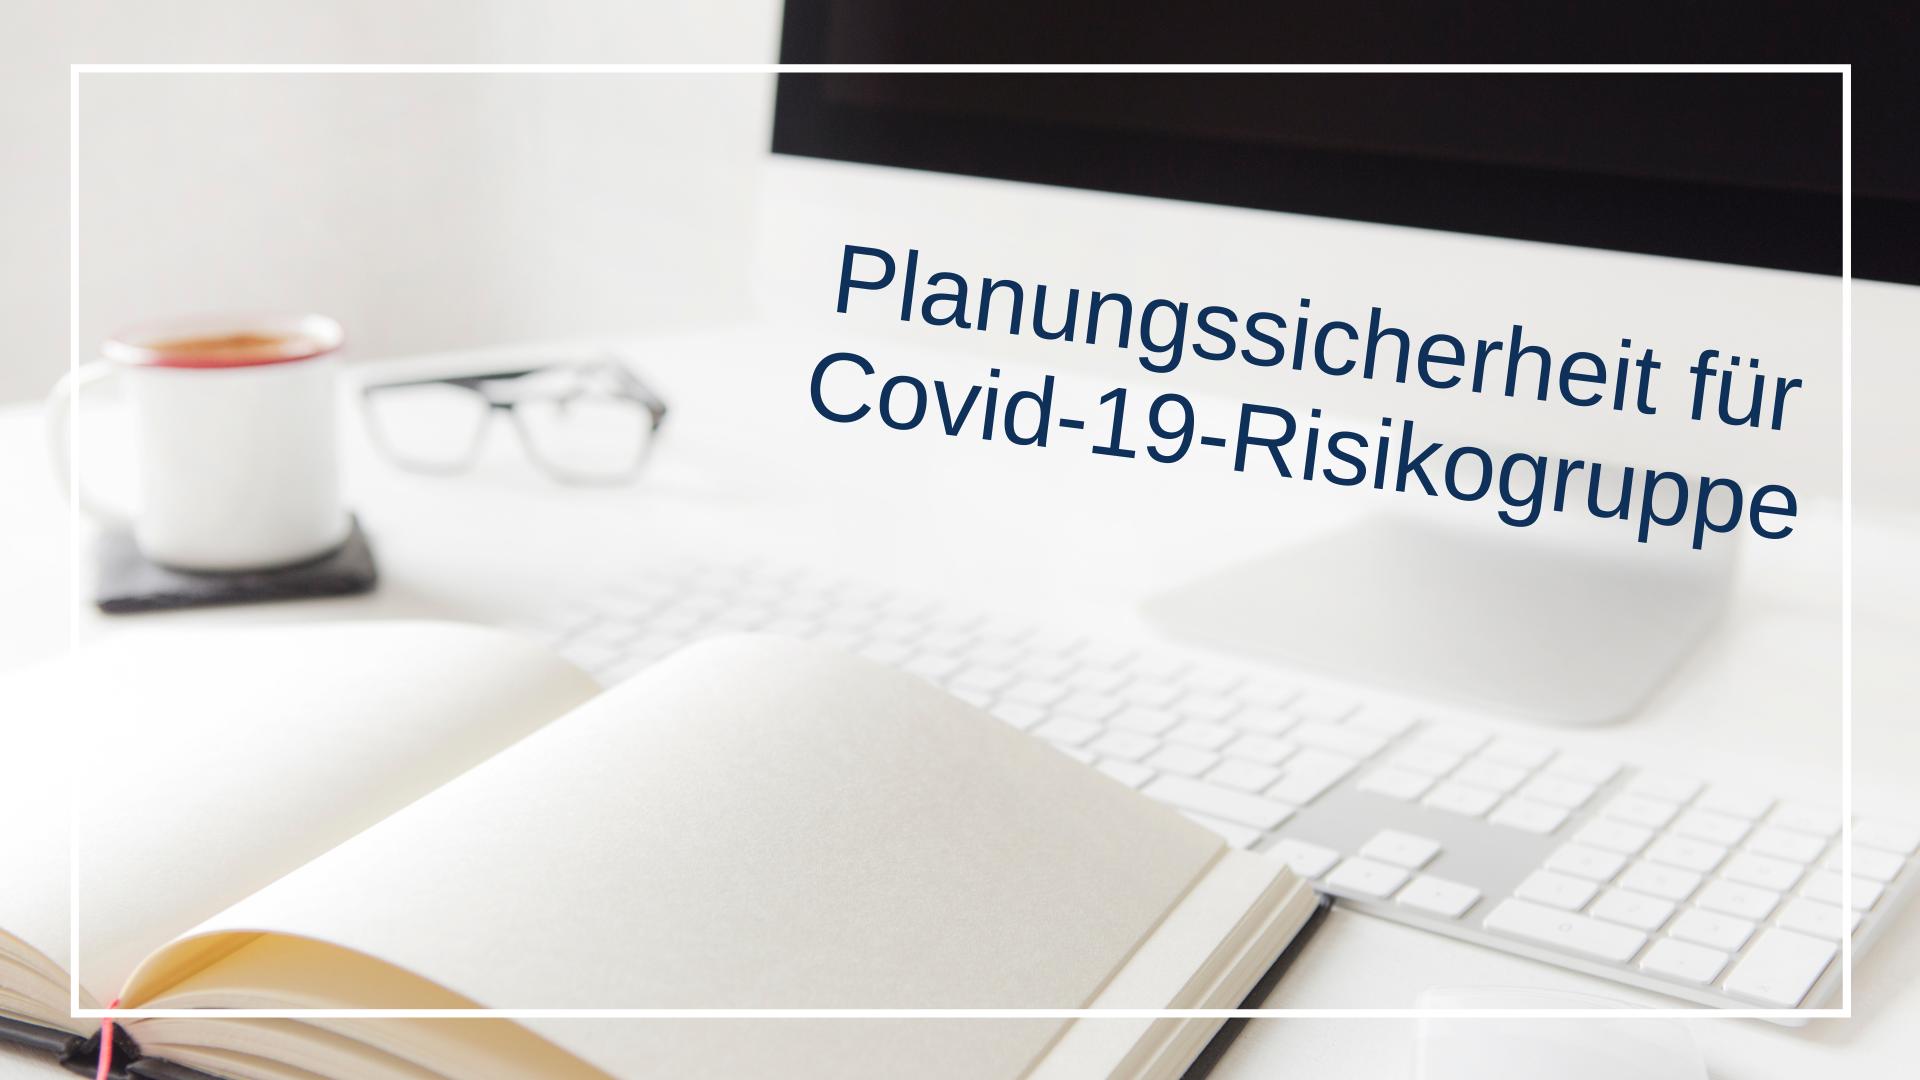 Pc und Klaneder, Text: Planungssicherheit für Covid-19-Risikogruppe, Credit: Canva